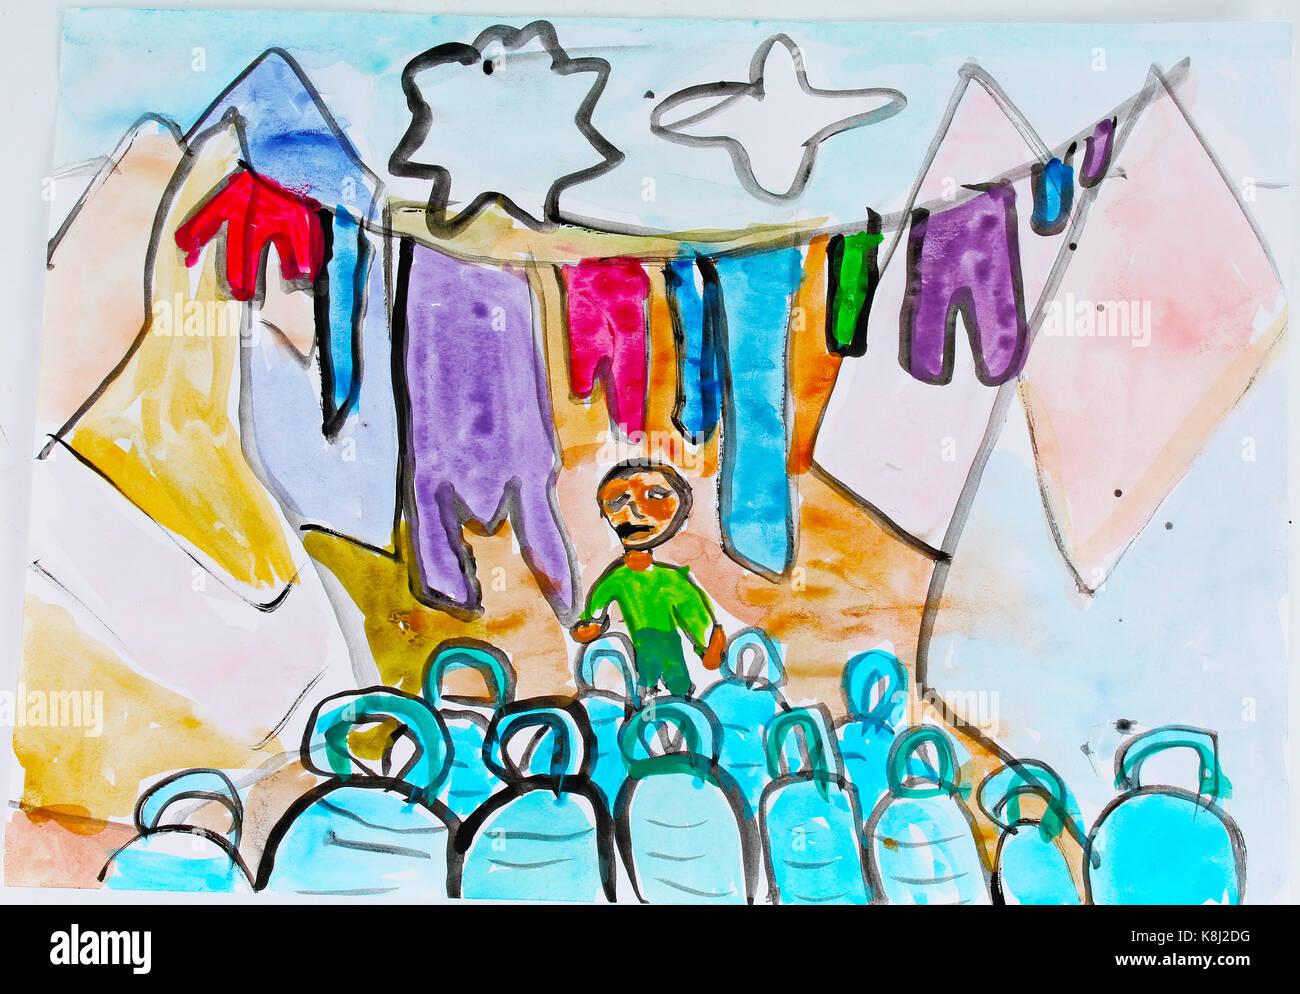 Rifugiato siriano bambino disegna la vernice sulla vita quotidiana di camp / insediamento informale. bambino disegno Immagini Stock